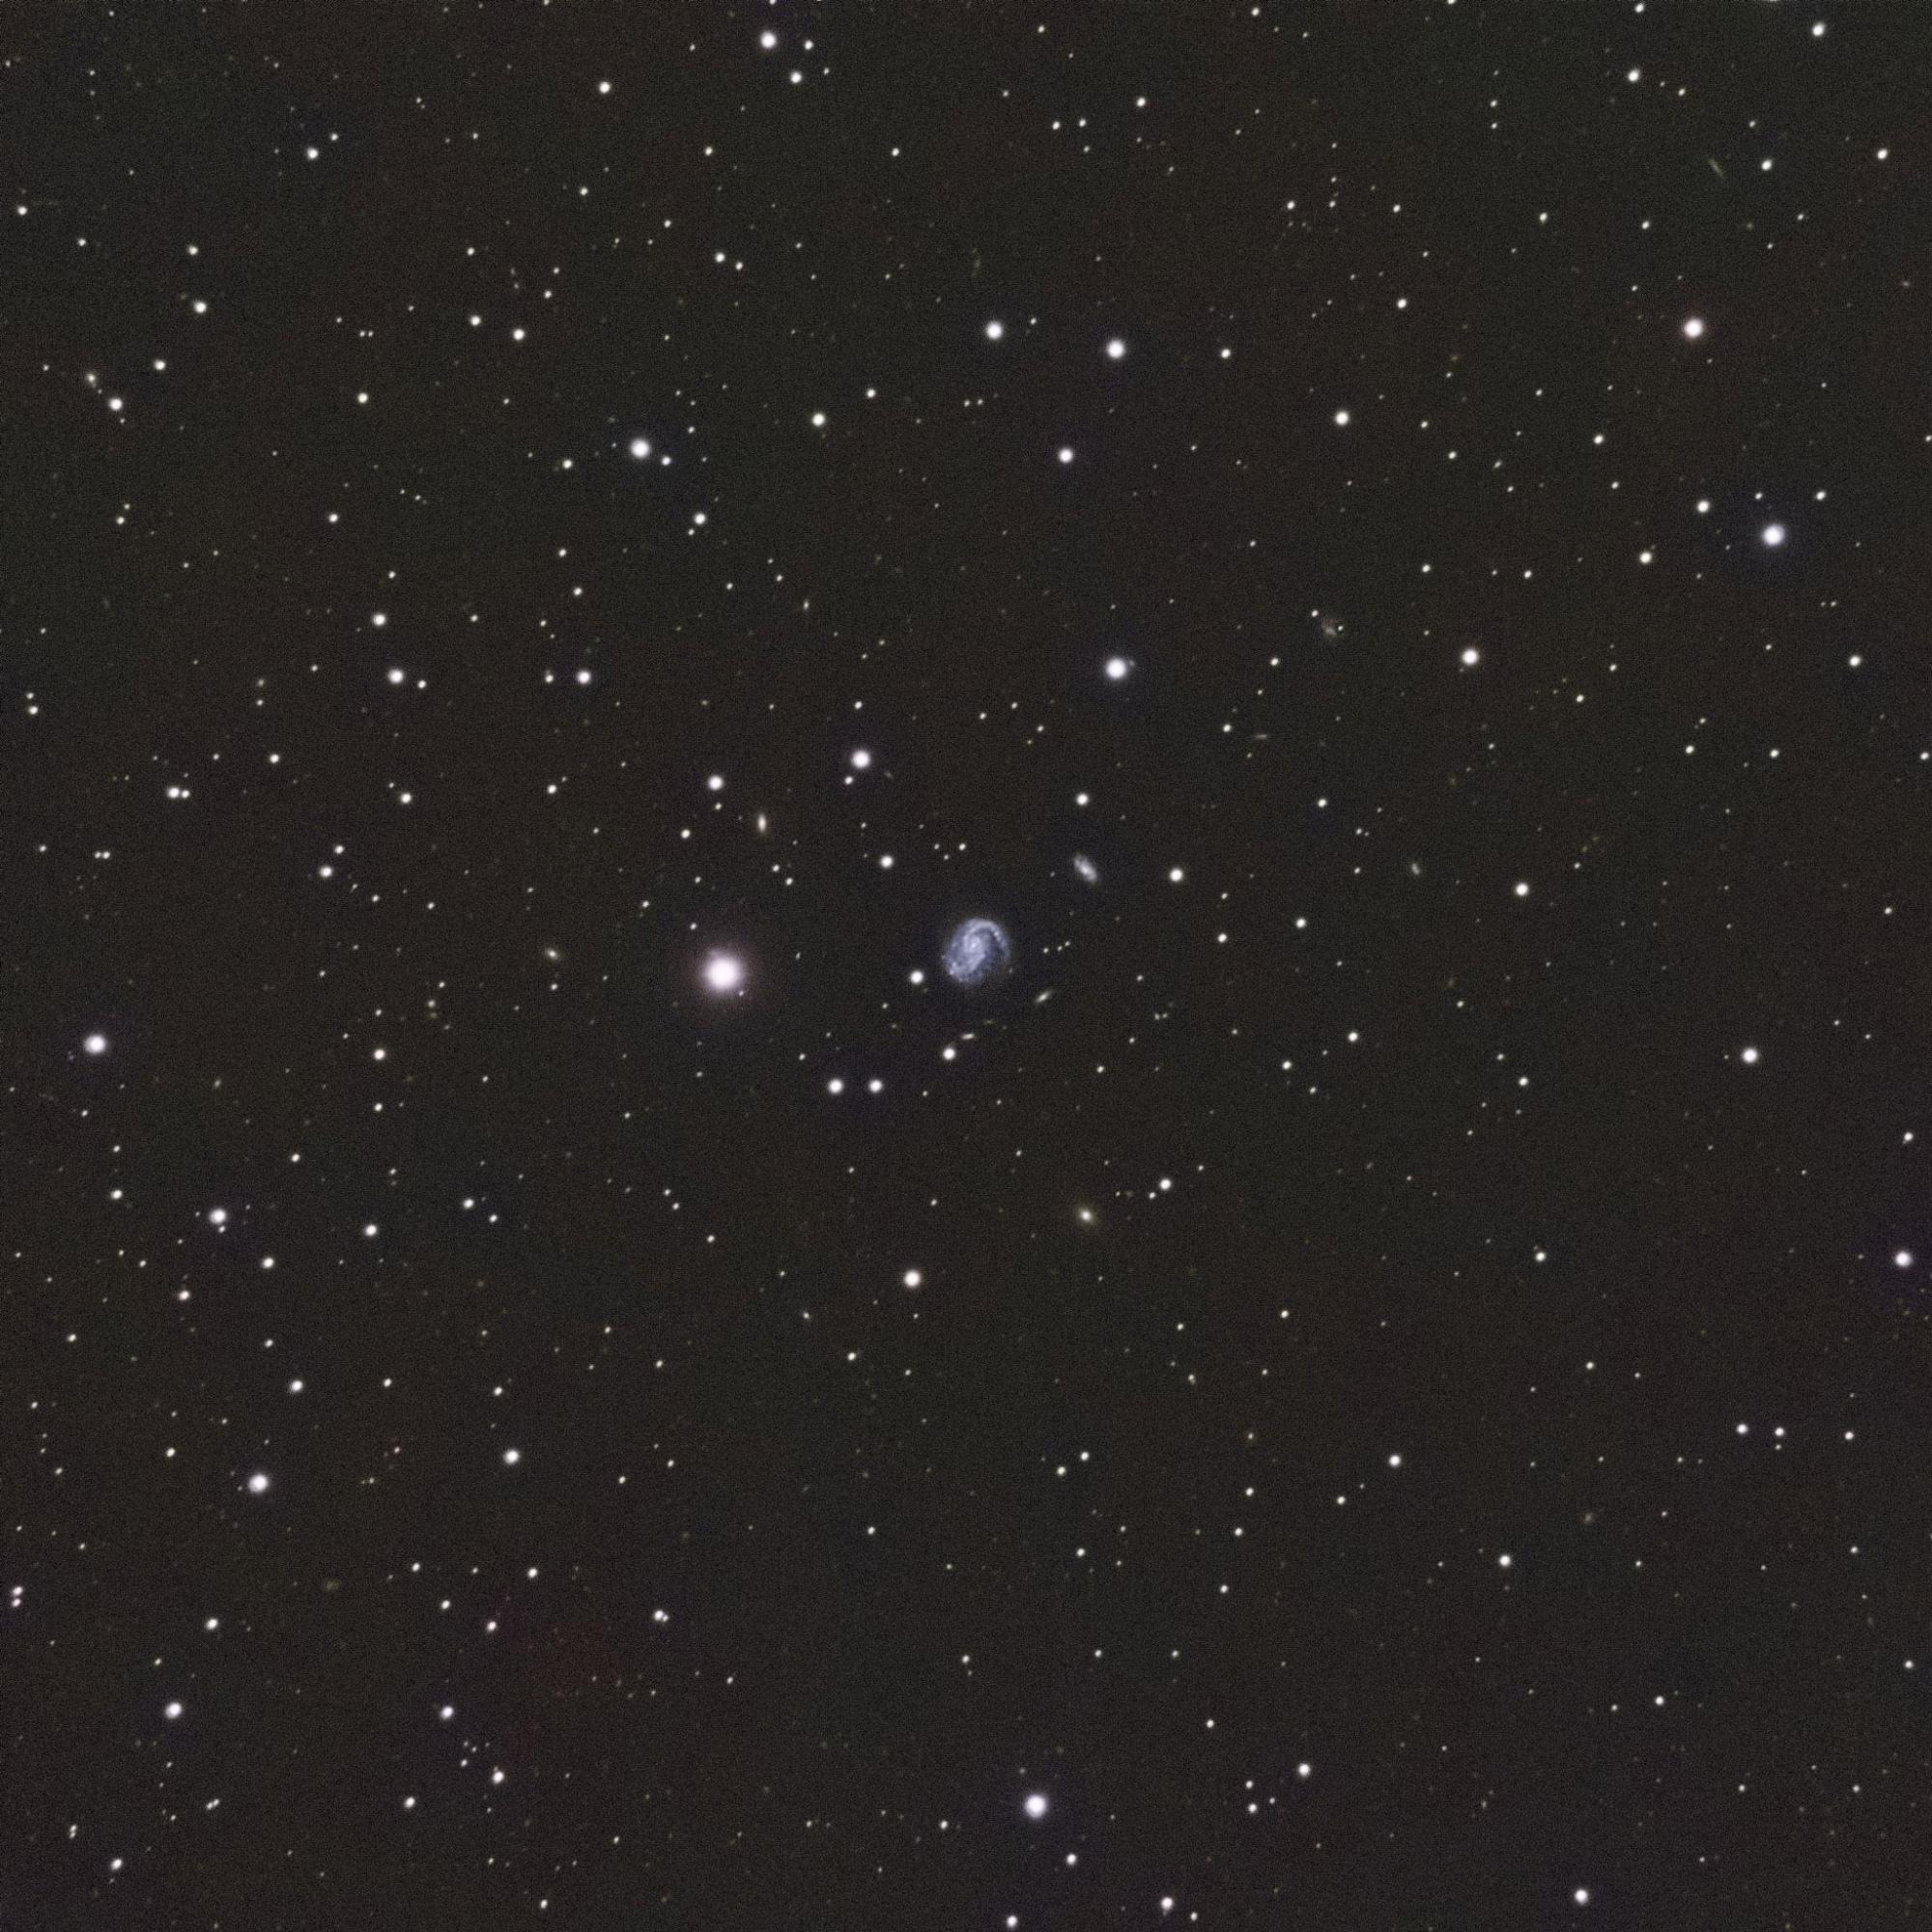 5b0bb8c768907_NGC6131C11JeanBriceGAYET.thumb.jpg.181ef179fafc547f80e3d7b2ca24de2f.jpg